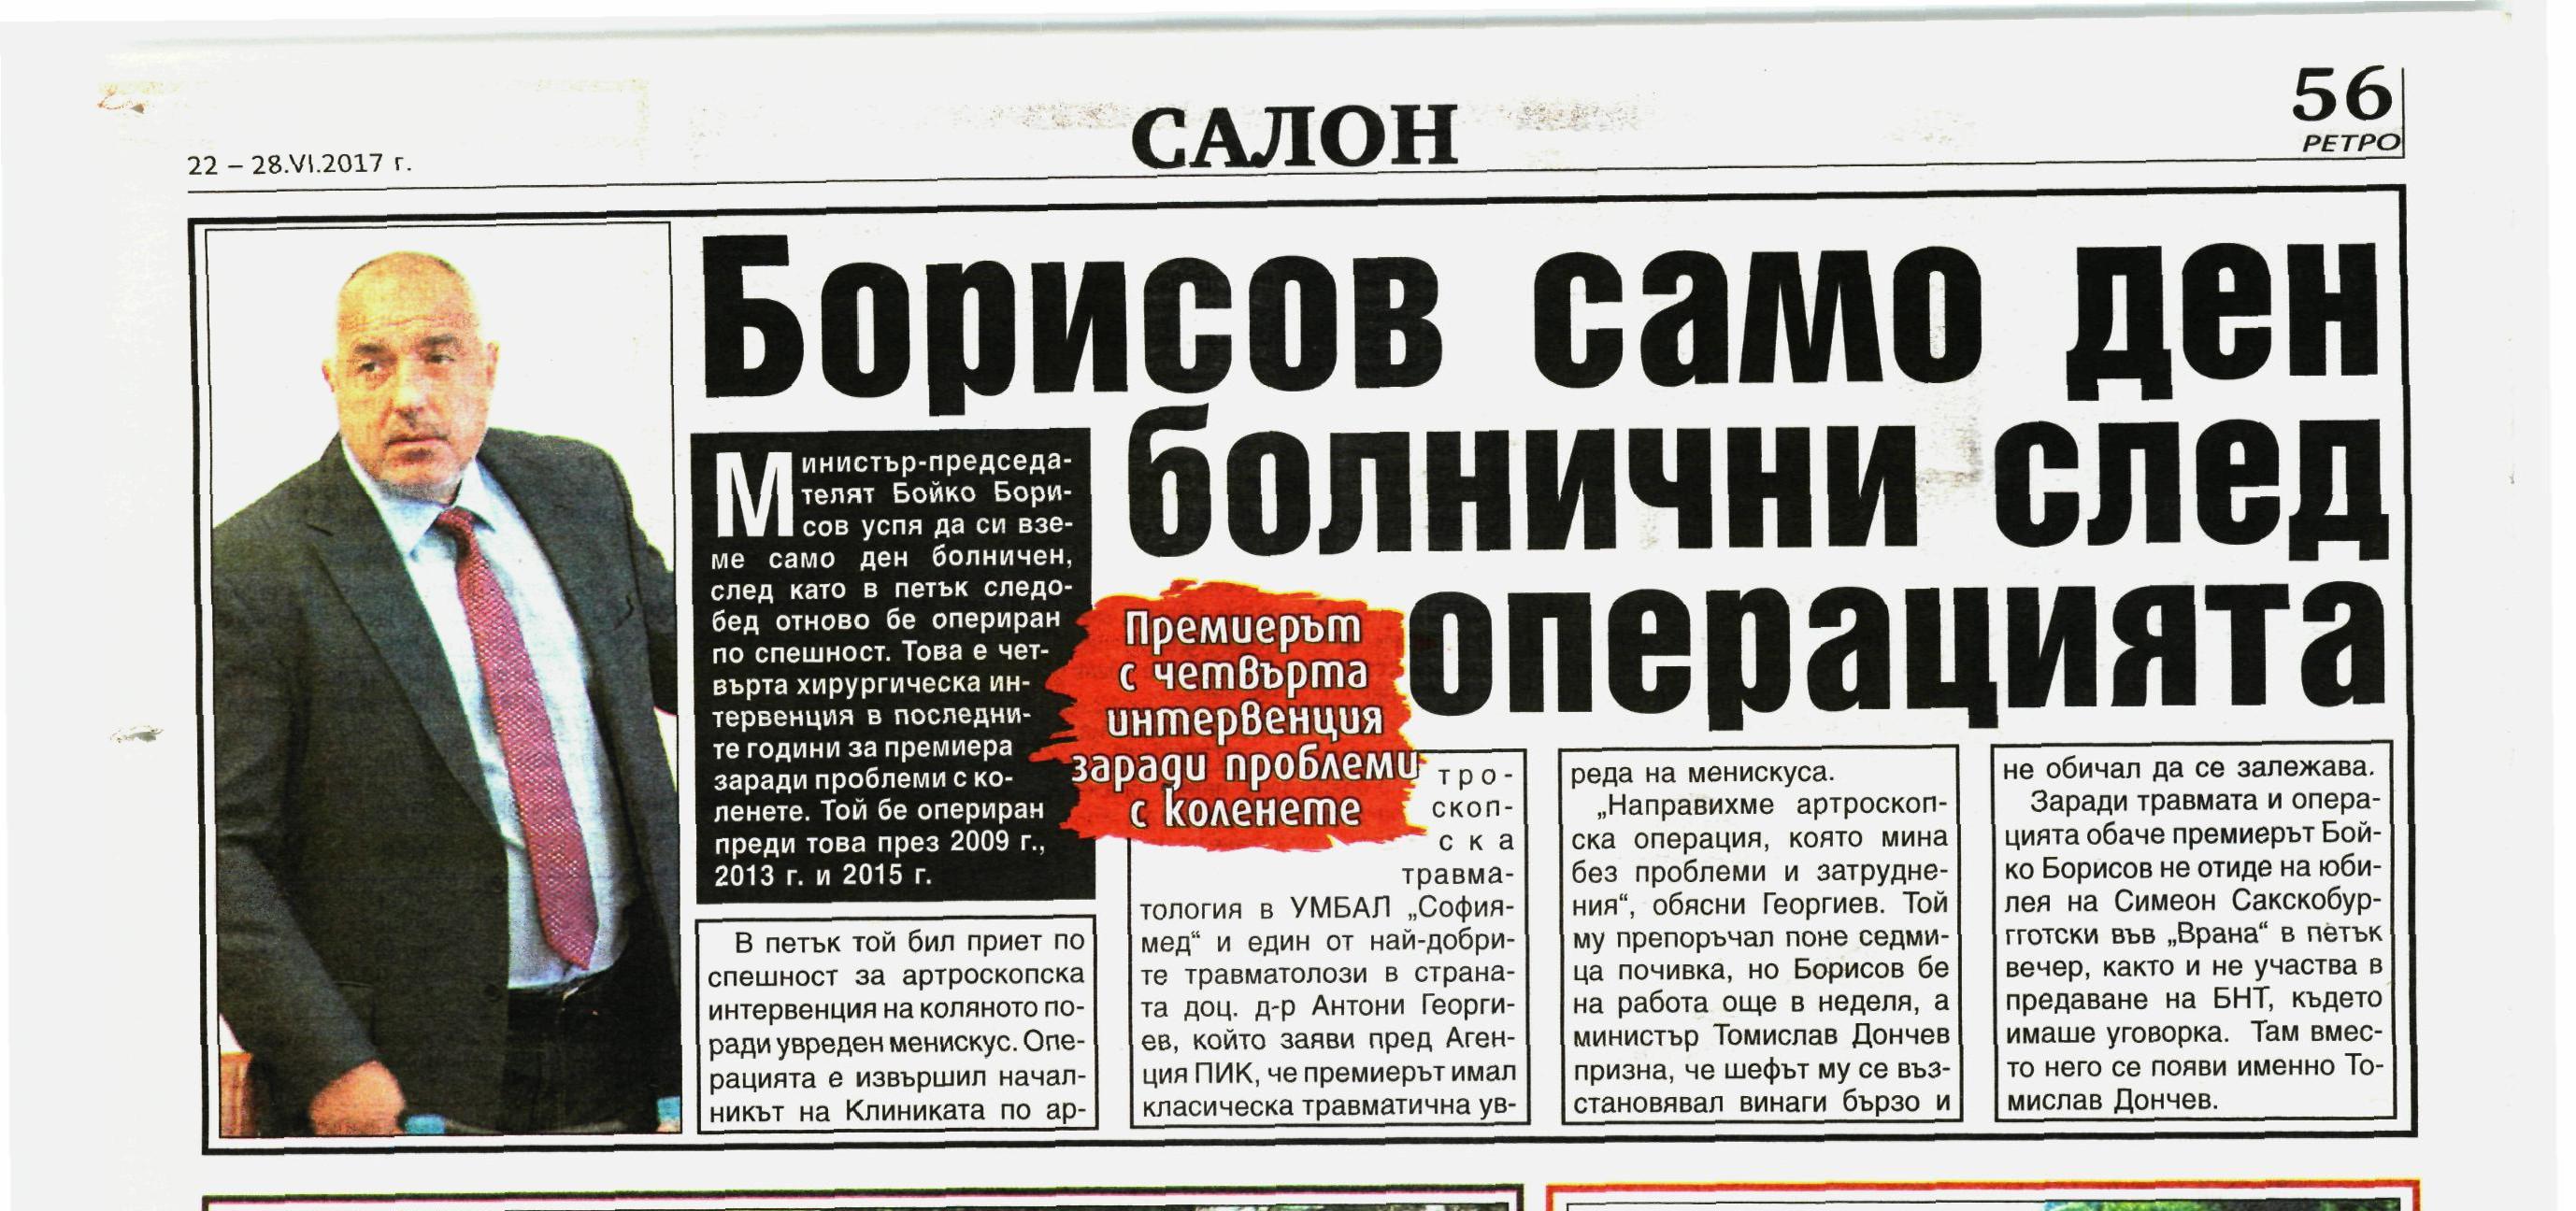 Борисов само ден болнични след операцията